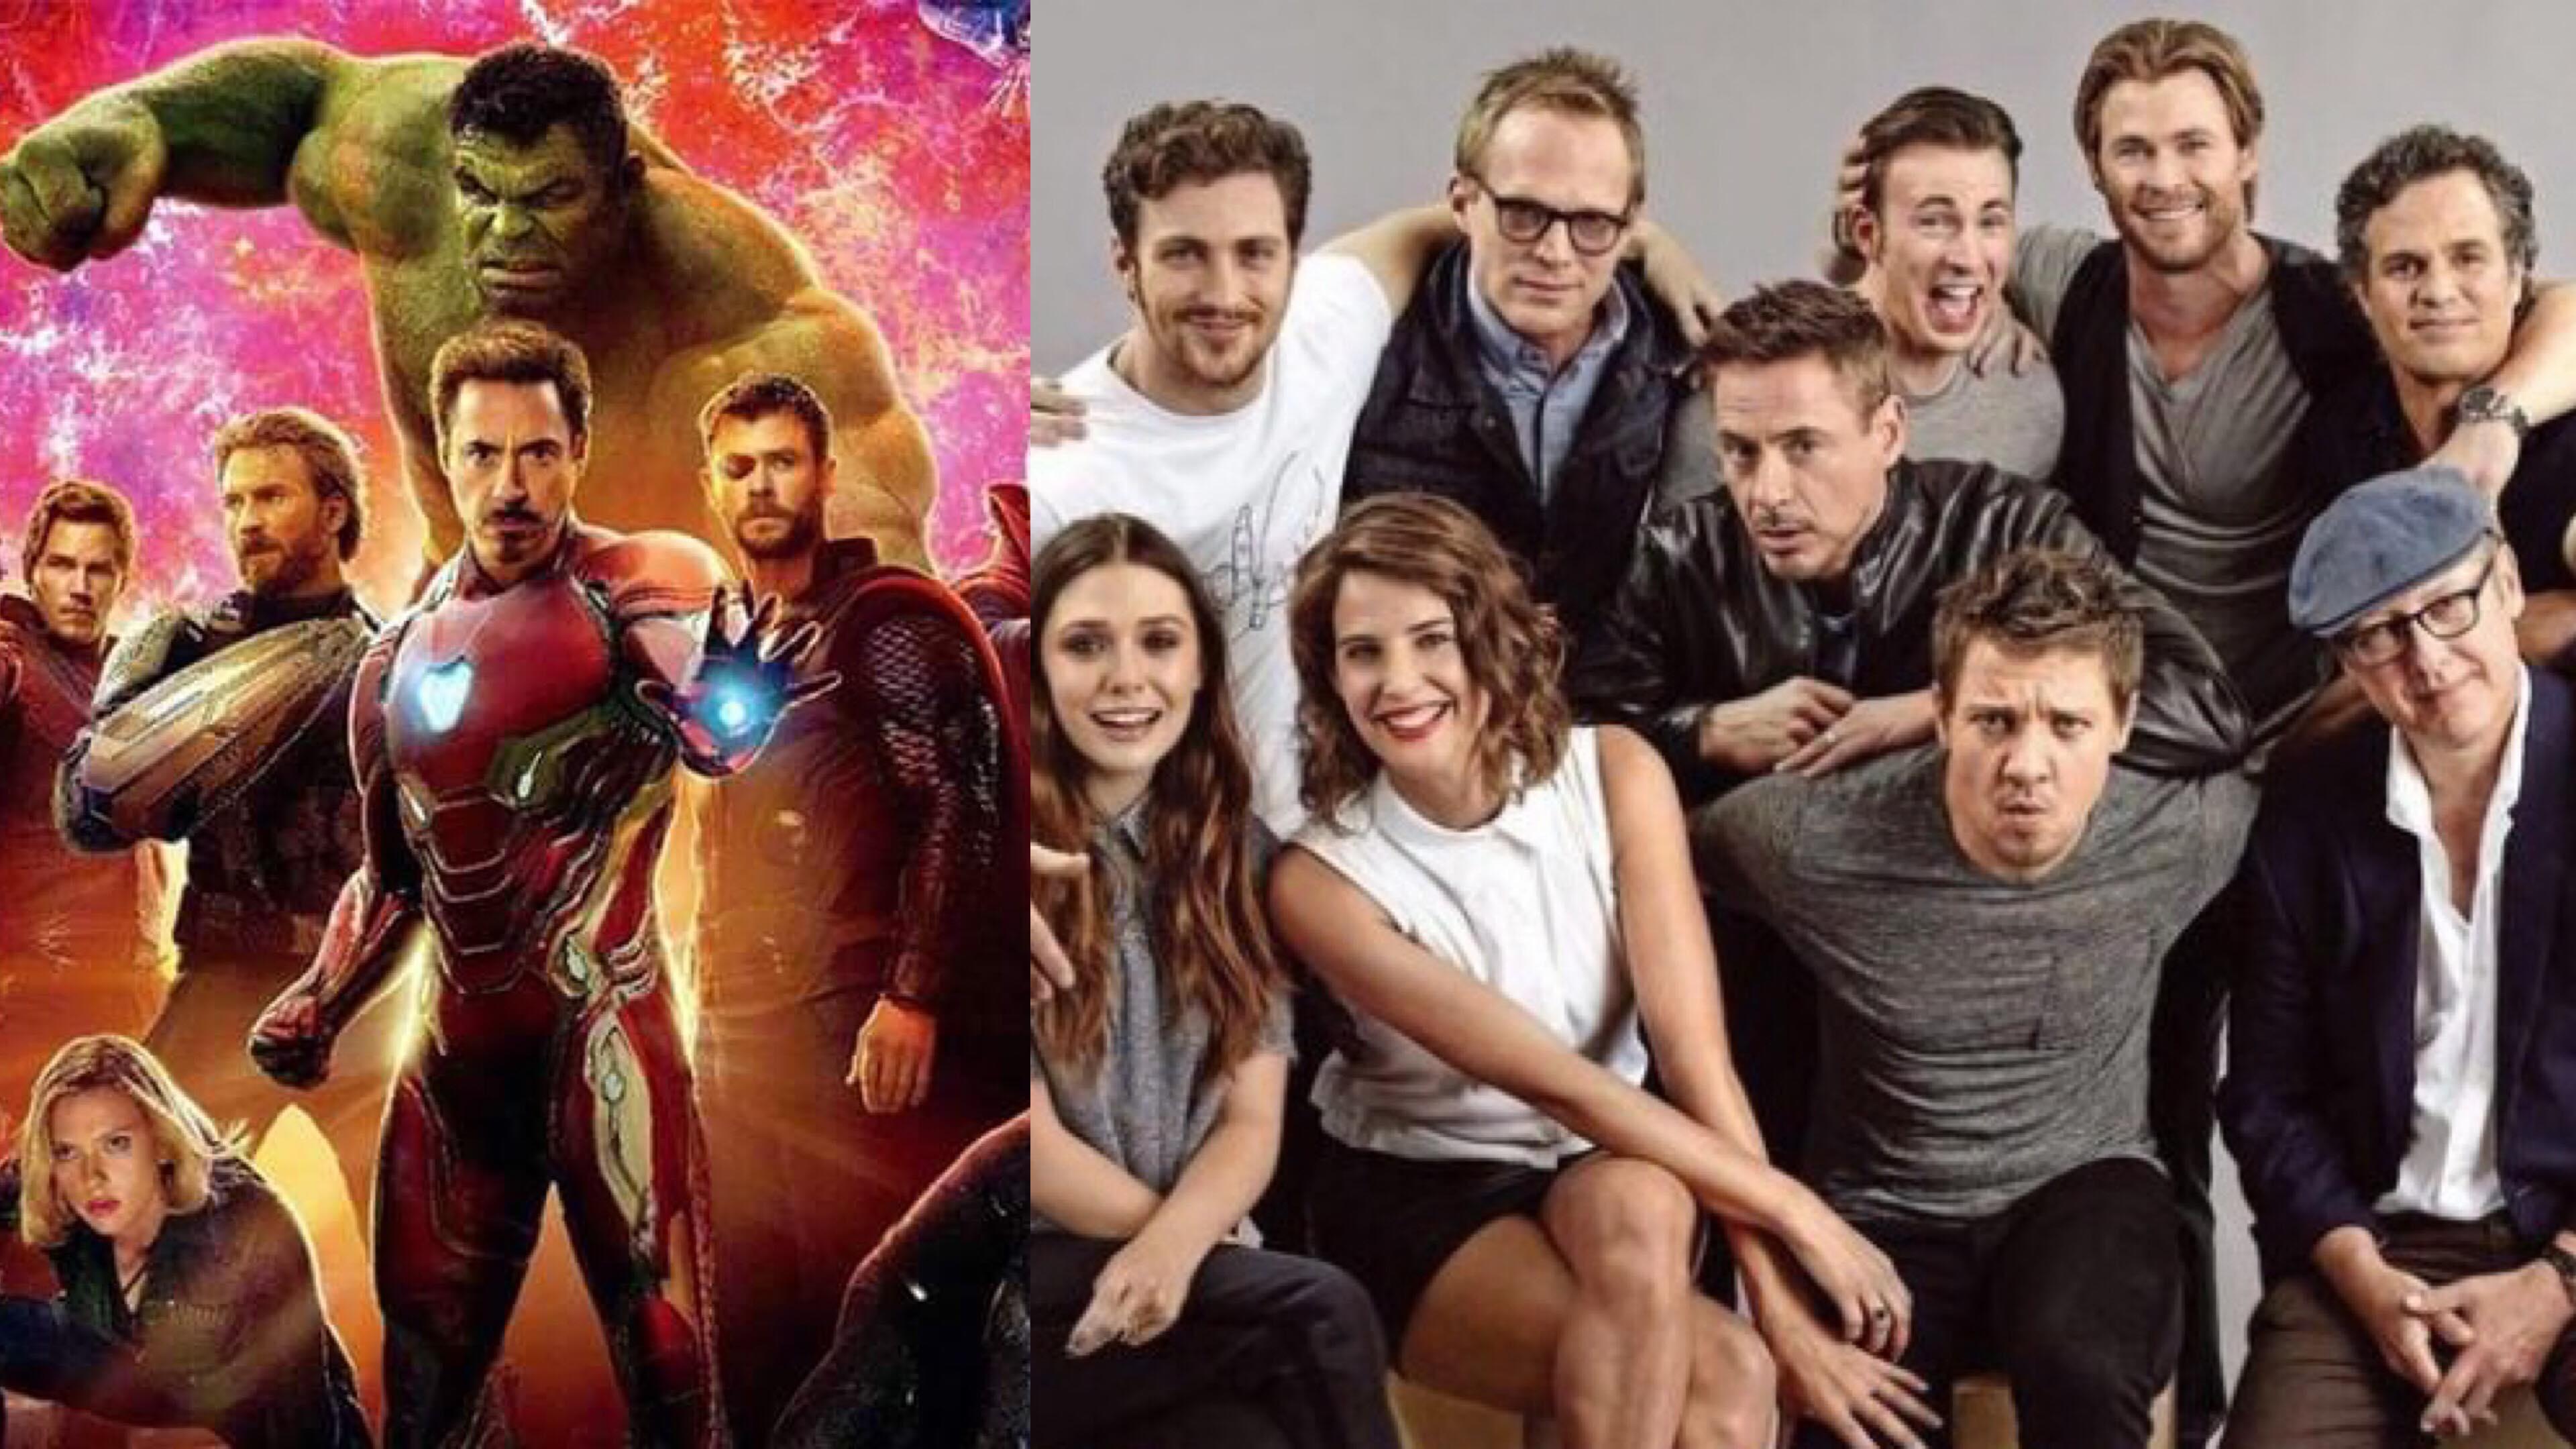 八位差點成為超級英雄的演員,另一個版本的洛基也太呆萌了…—《復仇者聯盟4》—我們用電影寫日記